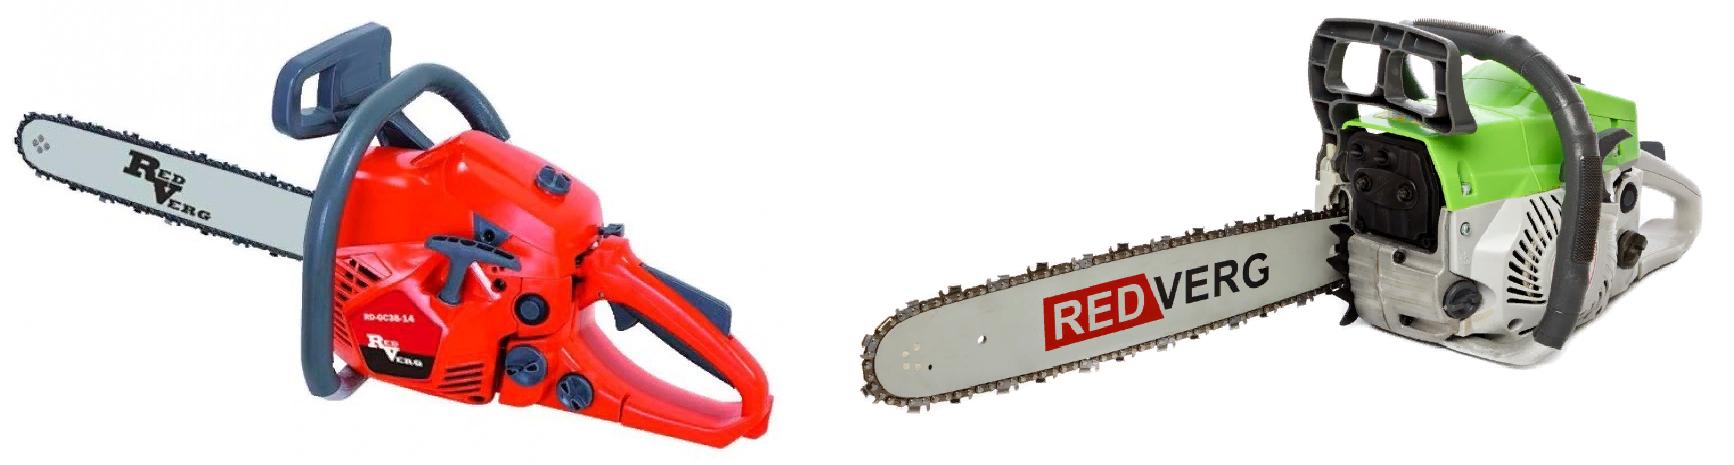 Бензопилы RedVerg RD-GC38-14 и RD-GC45-16 компактные модели для дома и дачи.